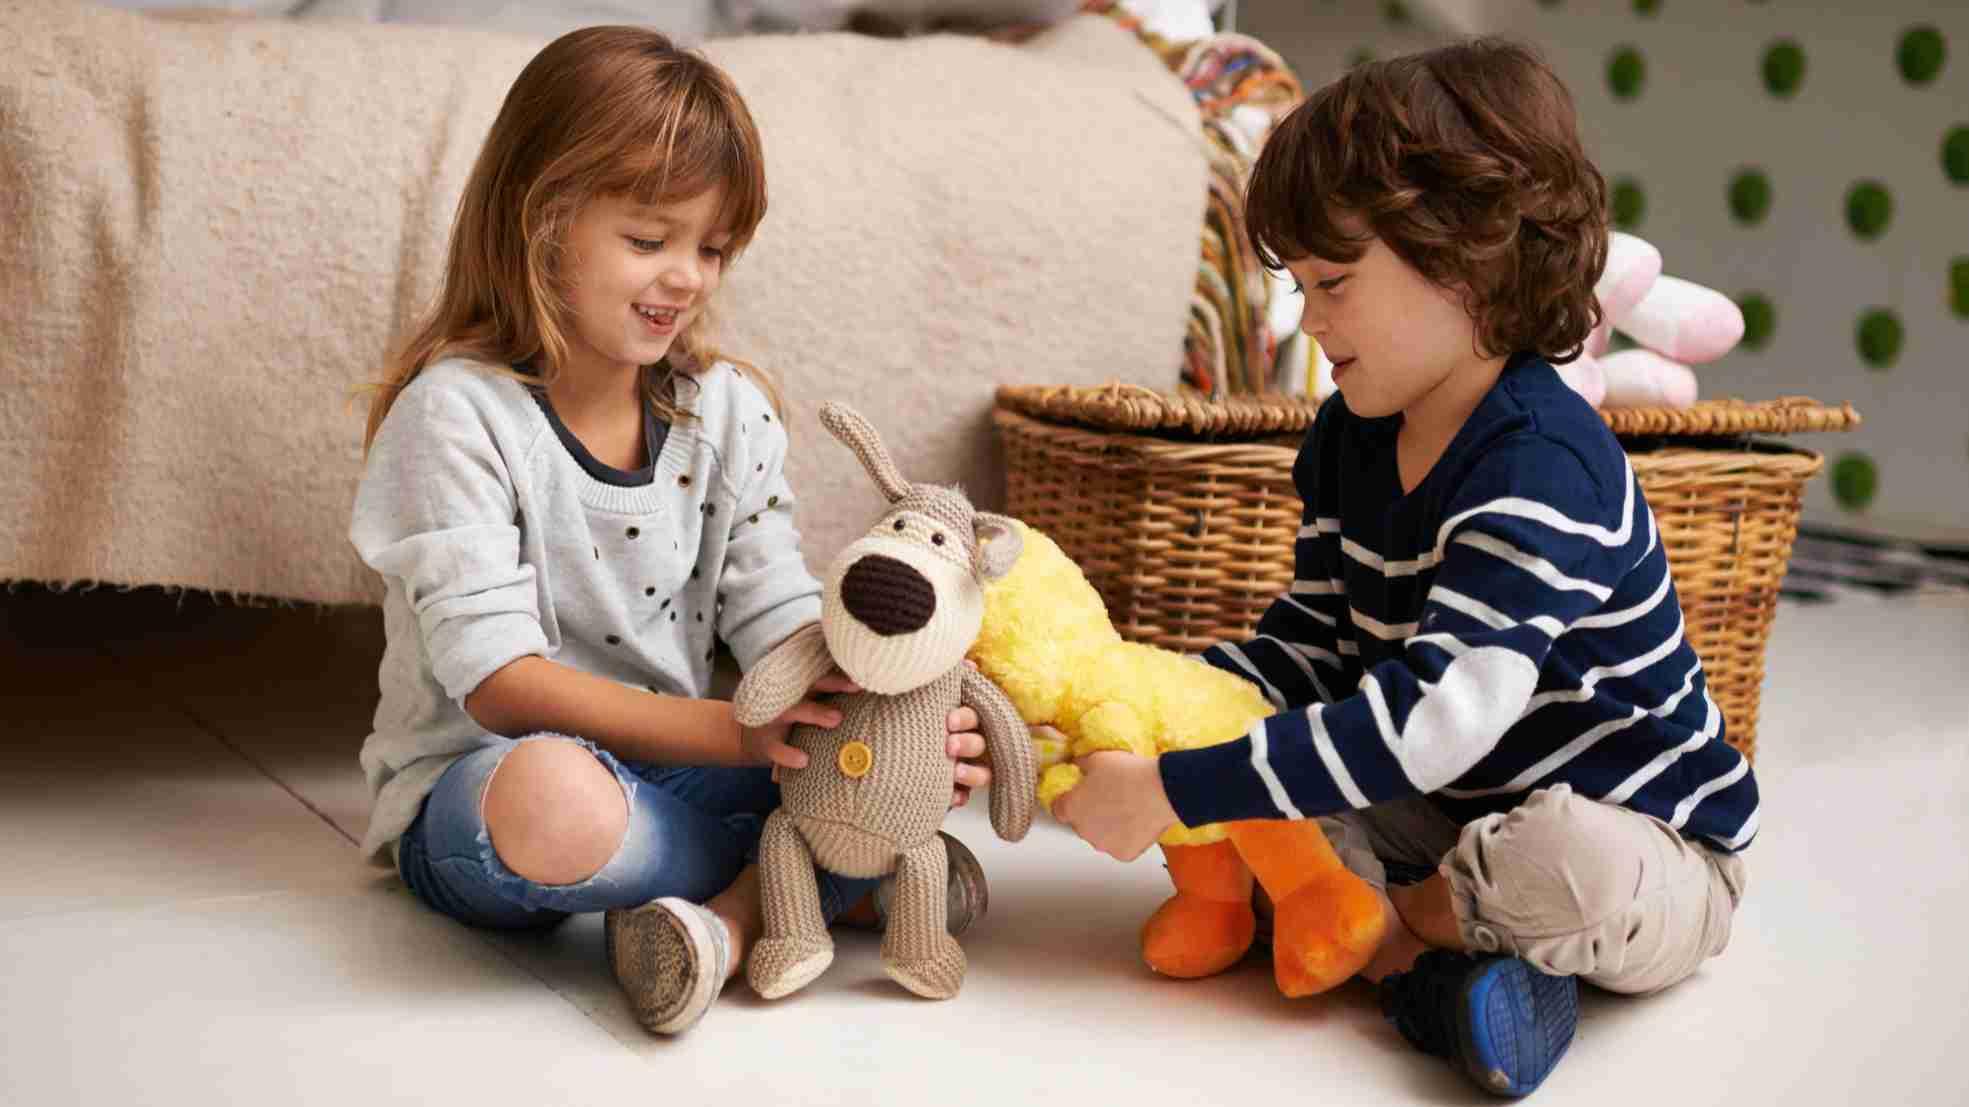 Raising Gender-neutral children